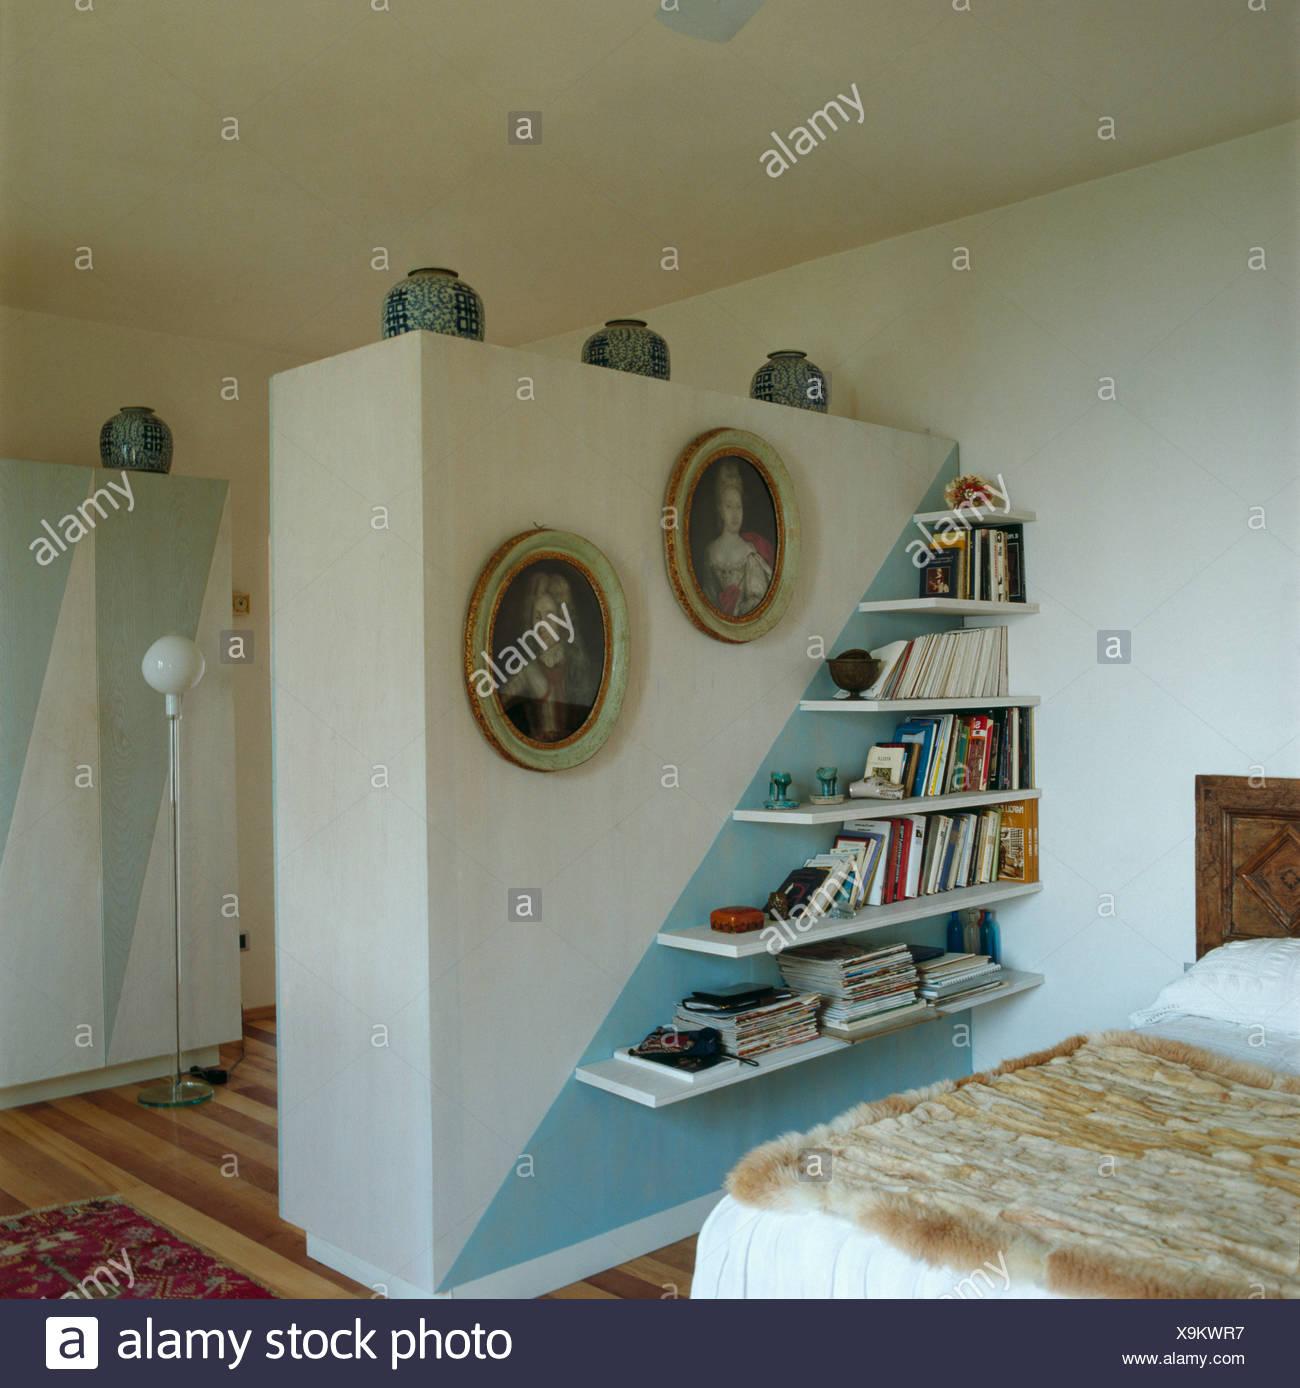 Bilder und eckige Regale auf Trennwand in spärlich ...